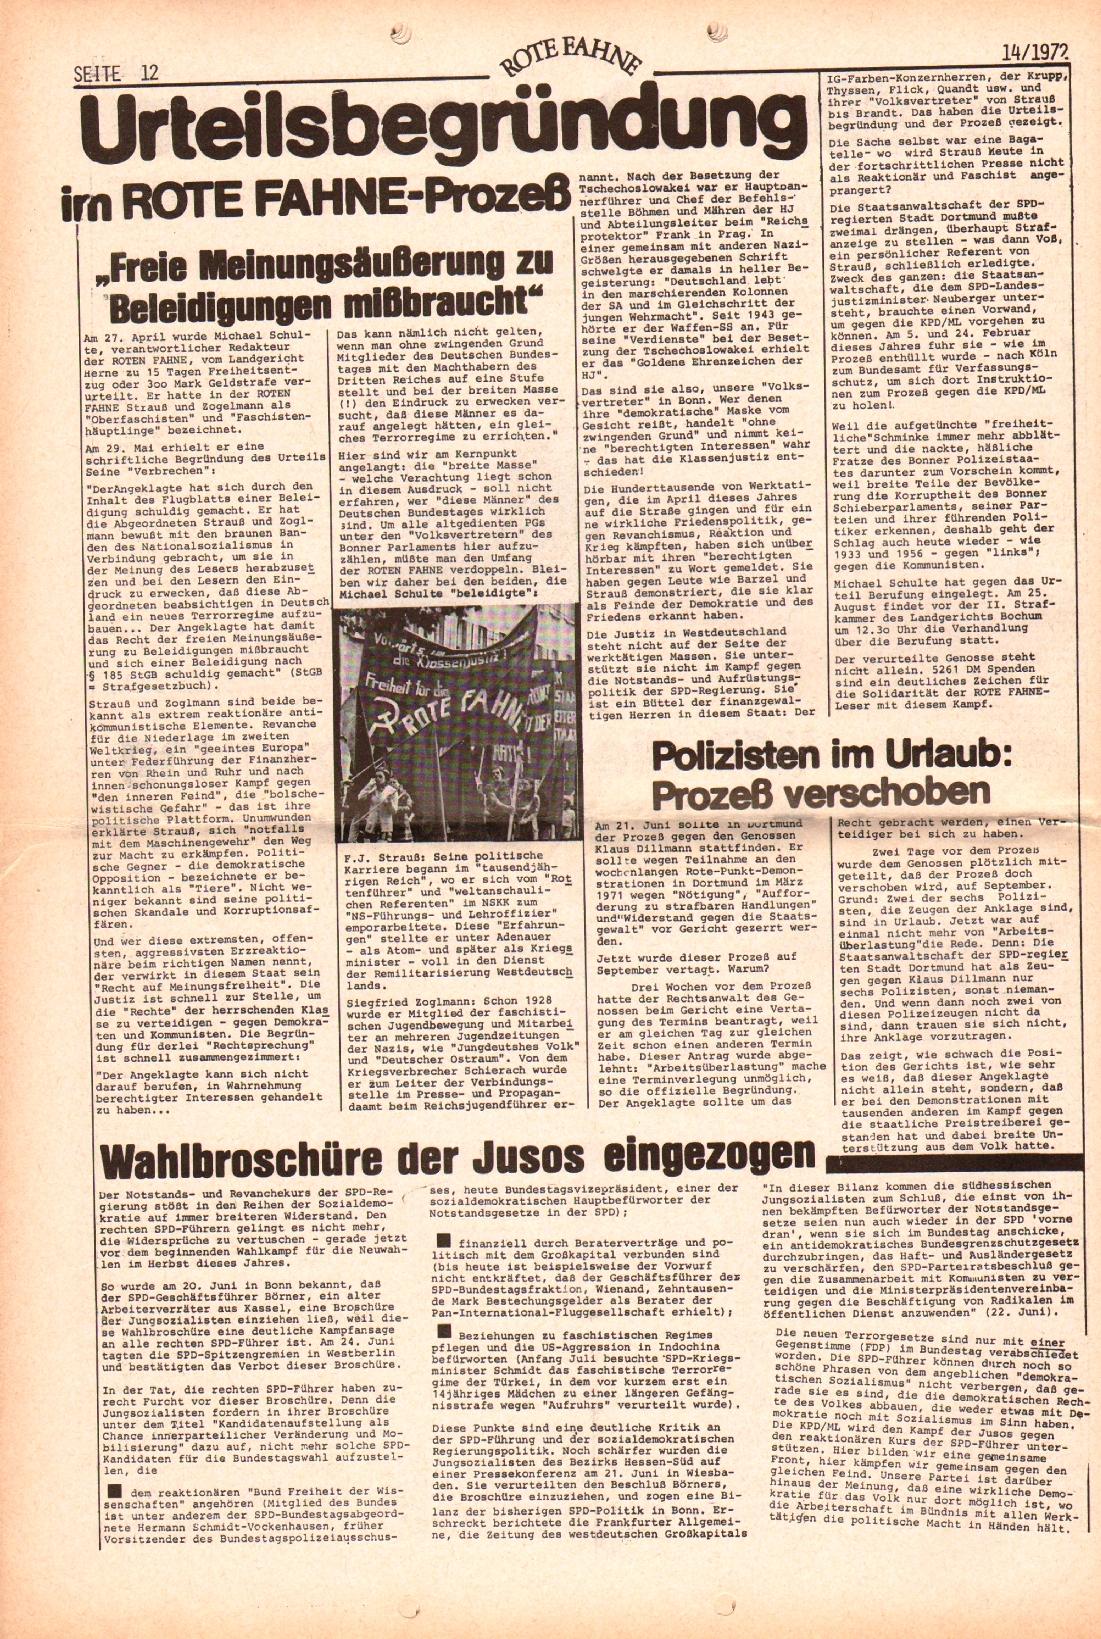 Rote Fahne, 3. Jg., 10.7.1972, Nr. 14, Seite 12